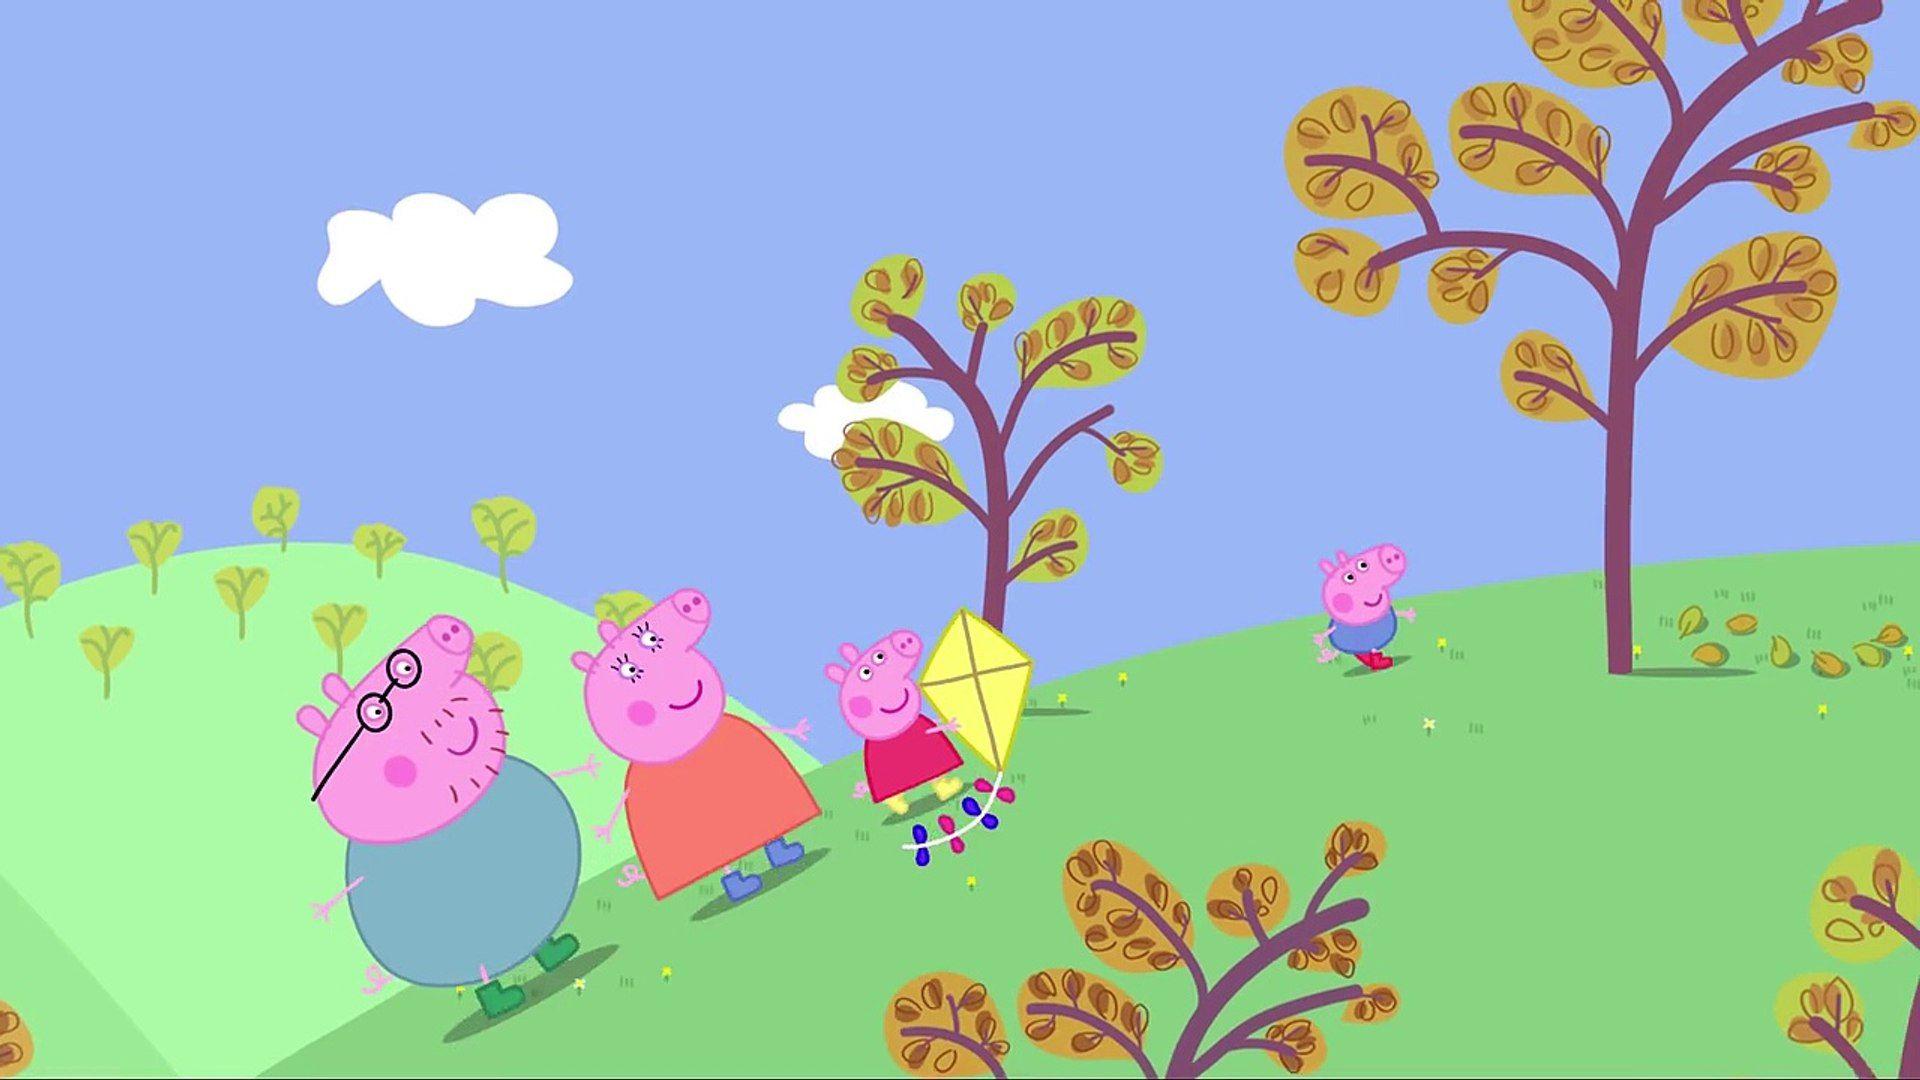 Peppa Pig 1080p Wallpaper